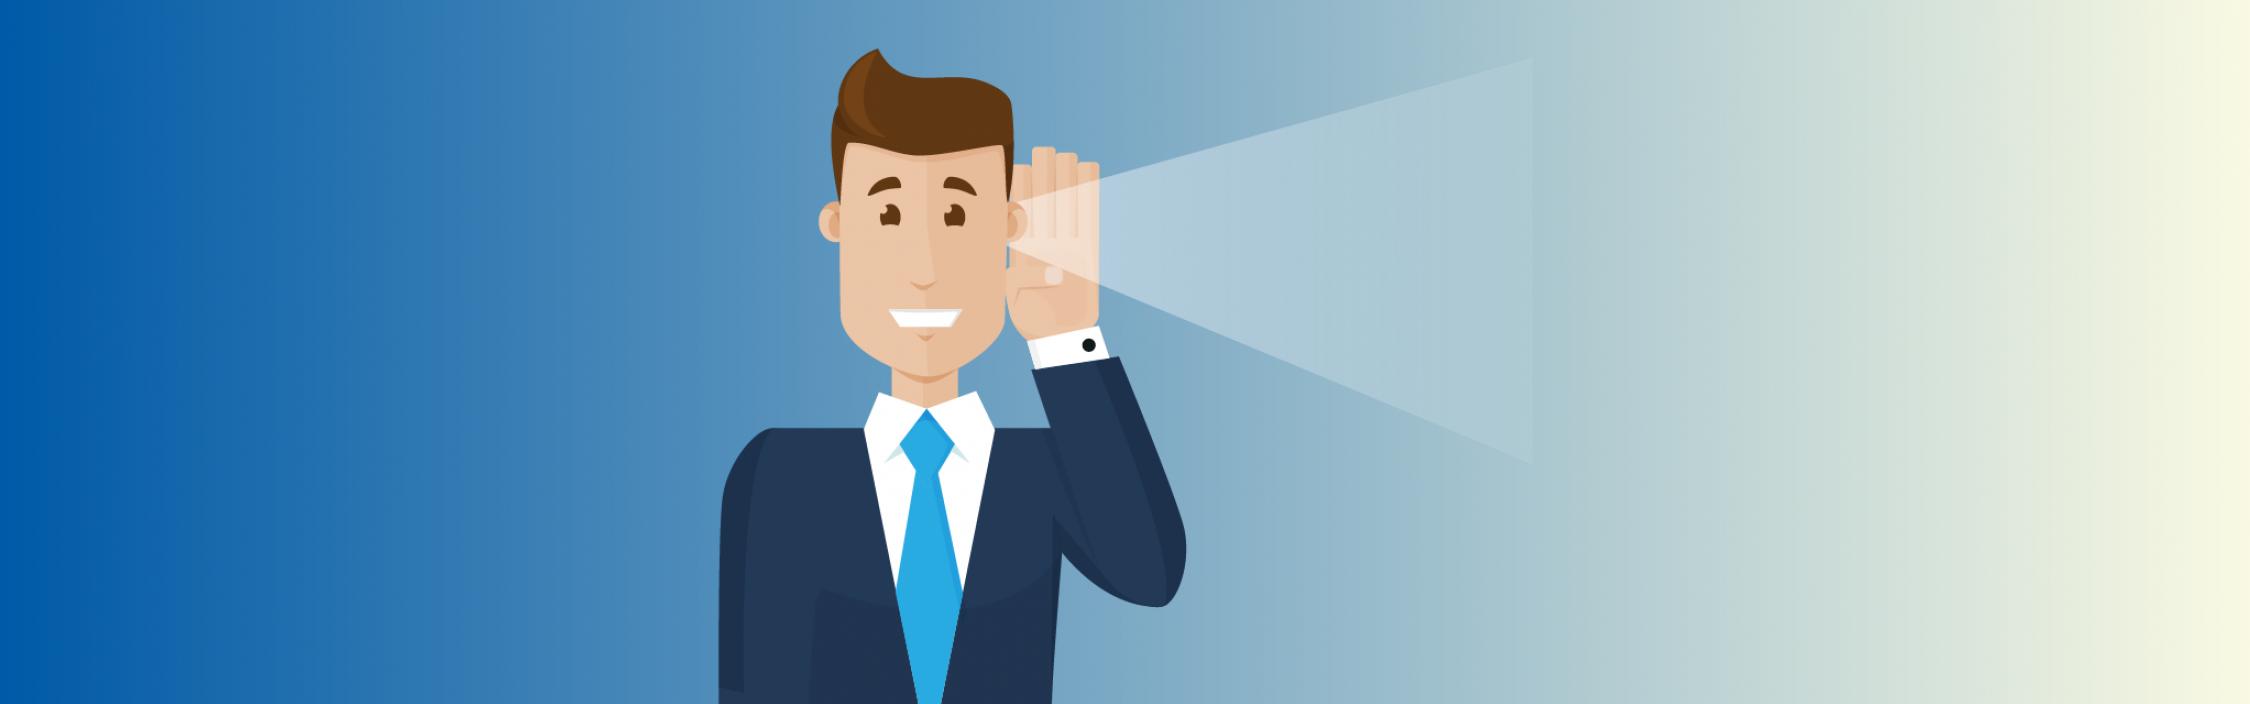 O Que Você Precisa Ficar Atento Para Administrar Seu Negócio